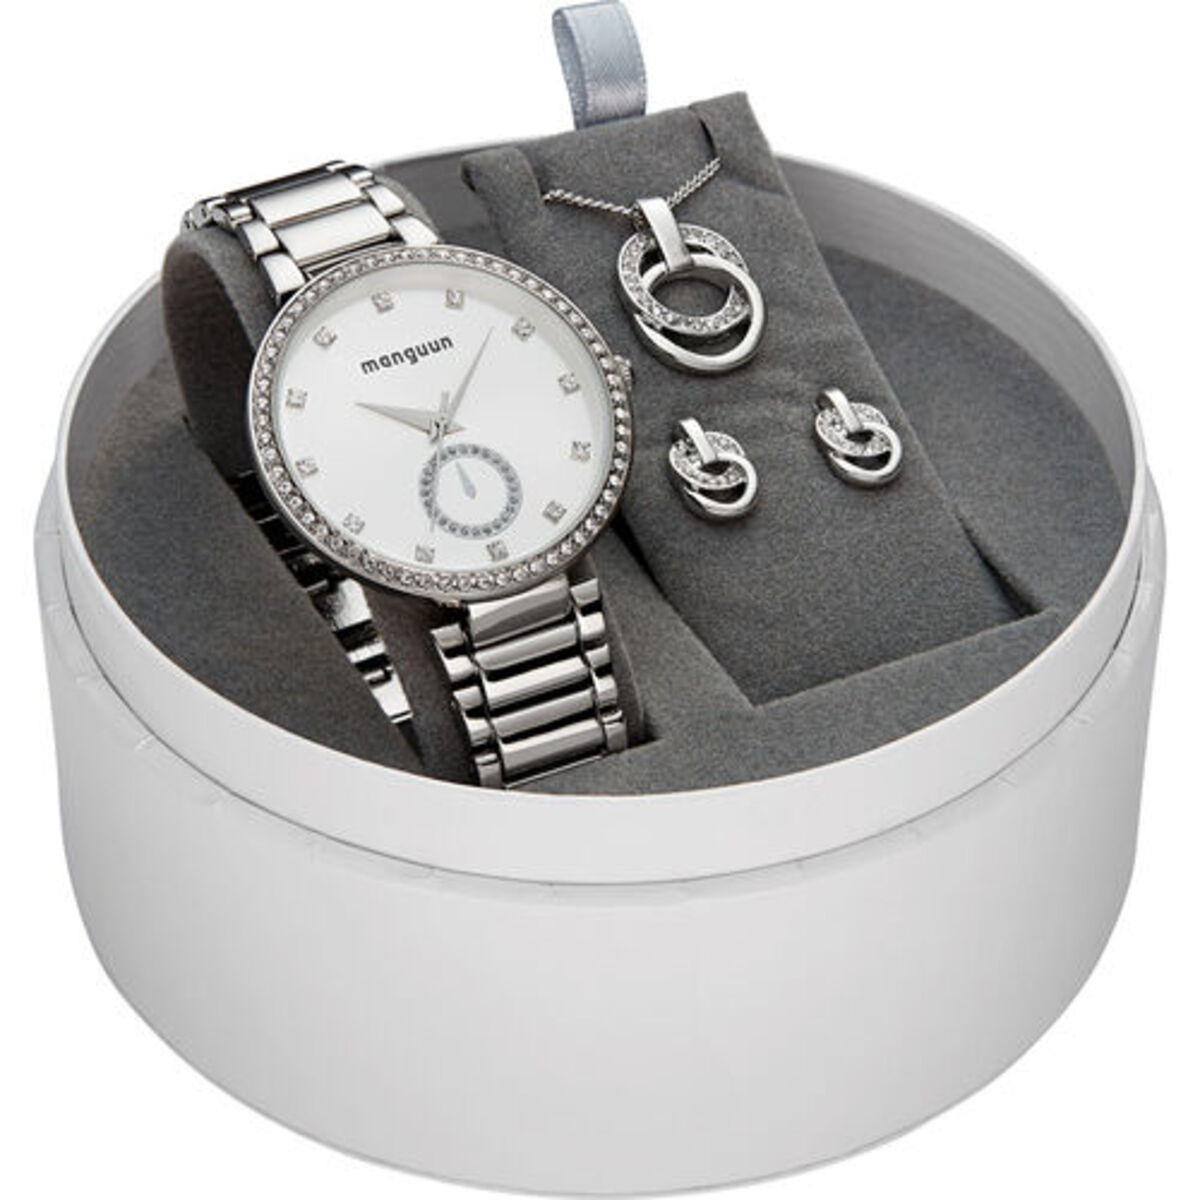 Bild 2 von manguun Damen Geschenk-Set aus Uhr, Kette und Ohrsteckern